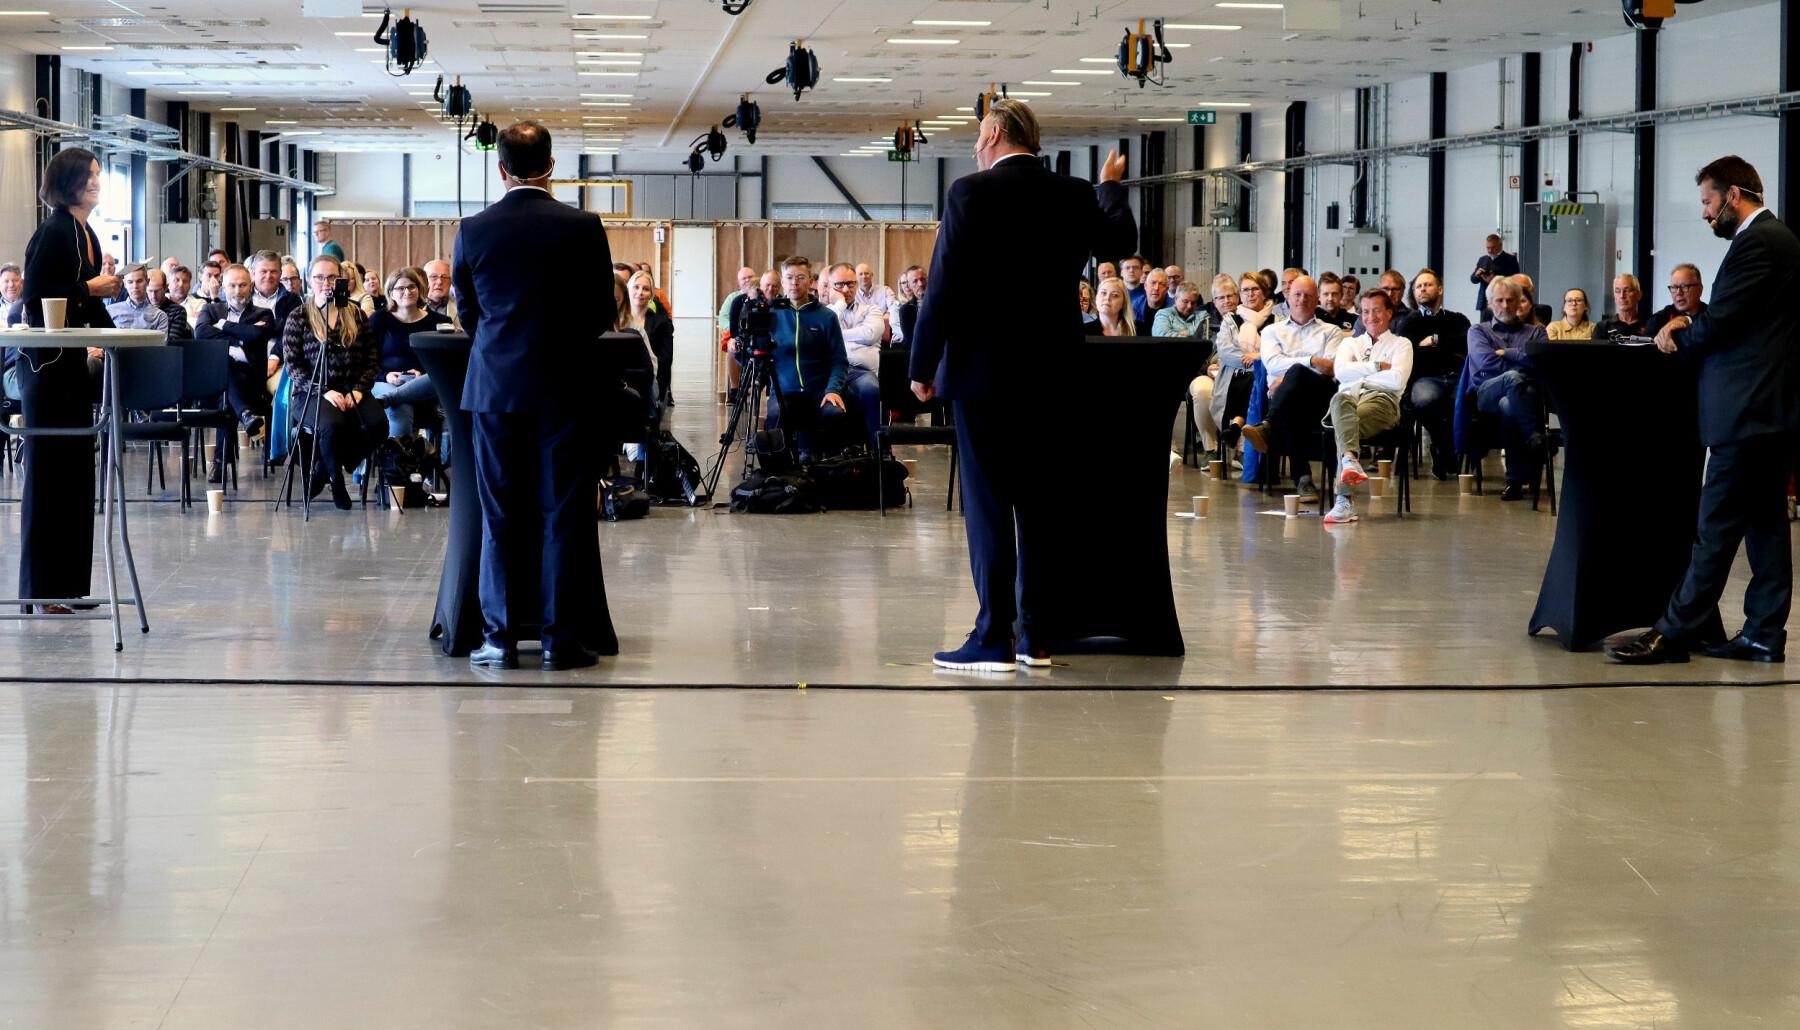 Fra venstre: NHO-rådgiver og møteleder Anita Skog, fylkesrådsleder Tomas Norvoll, Narvik-ordfører Rune Edvardsen og daglig leder Svein Erik Kristiansen i Narvikregionen Næringsforening.